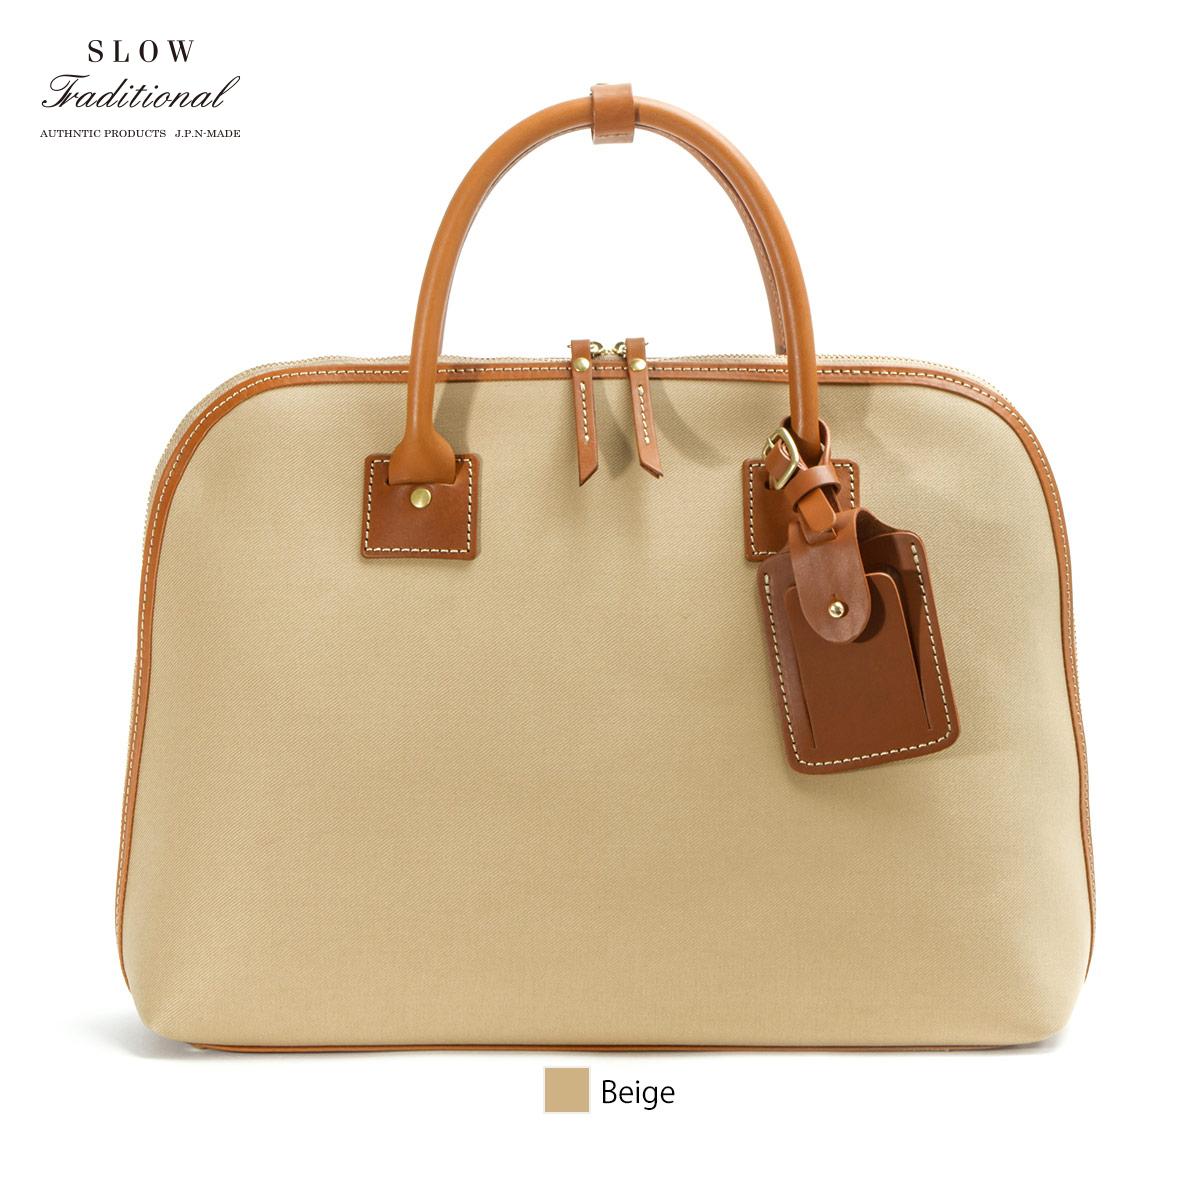 【正規販売店】スロウ トラディショナル ラウンドブリーフケース 2WAY ショルダー ビジネスバッグ Cotton Serge Round Briefcase SLOW TRADITIONAL 306ST01H